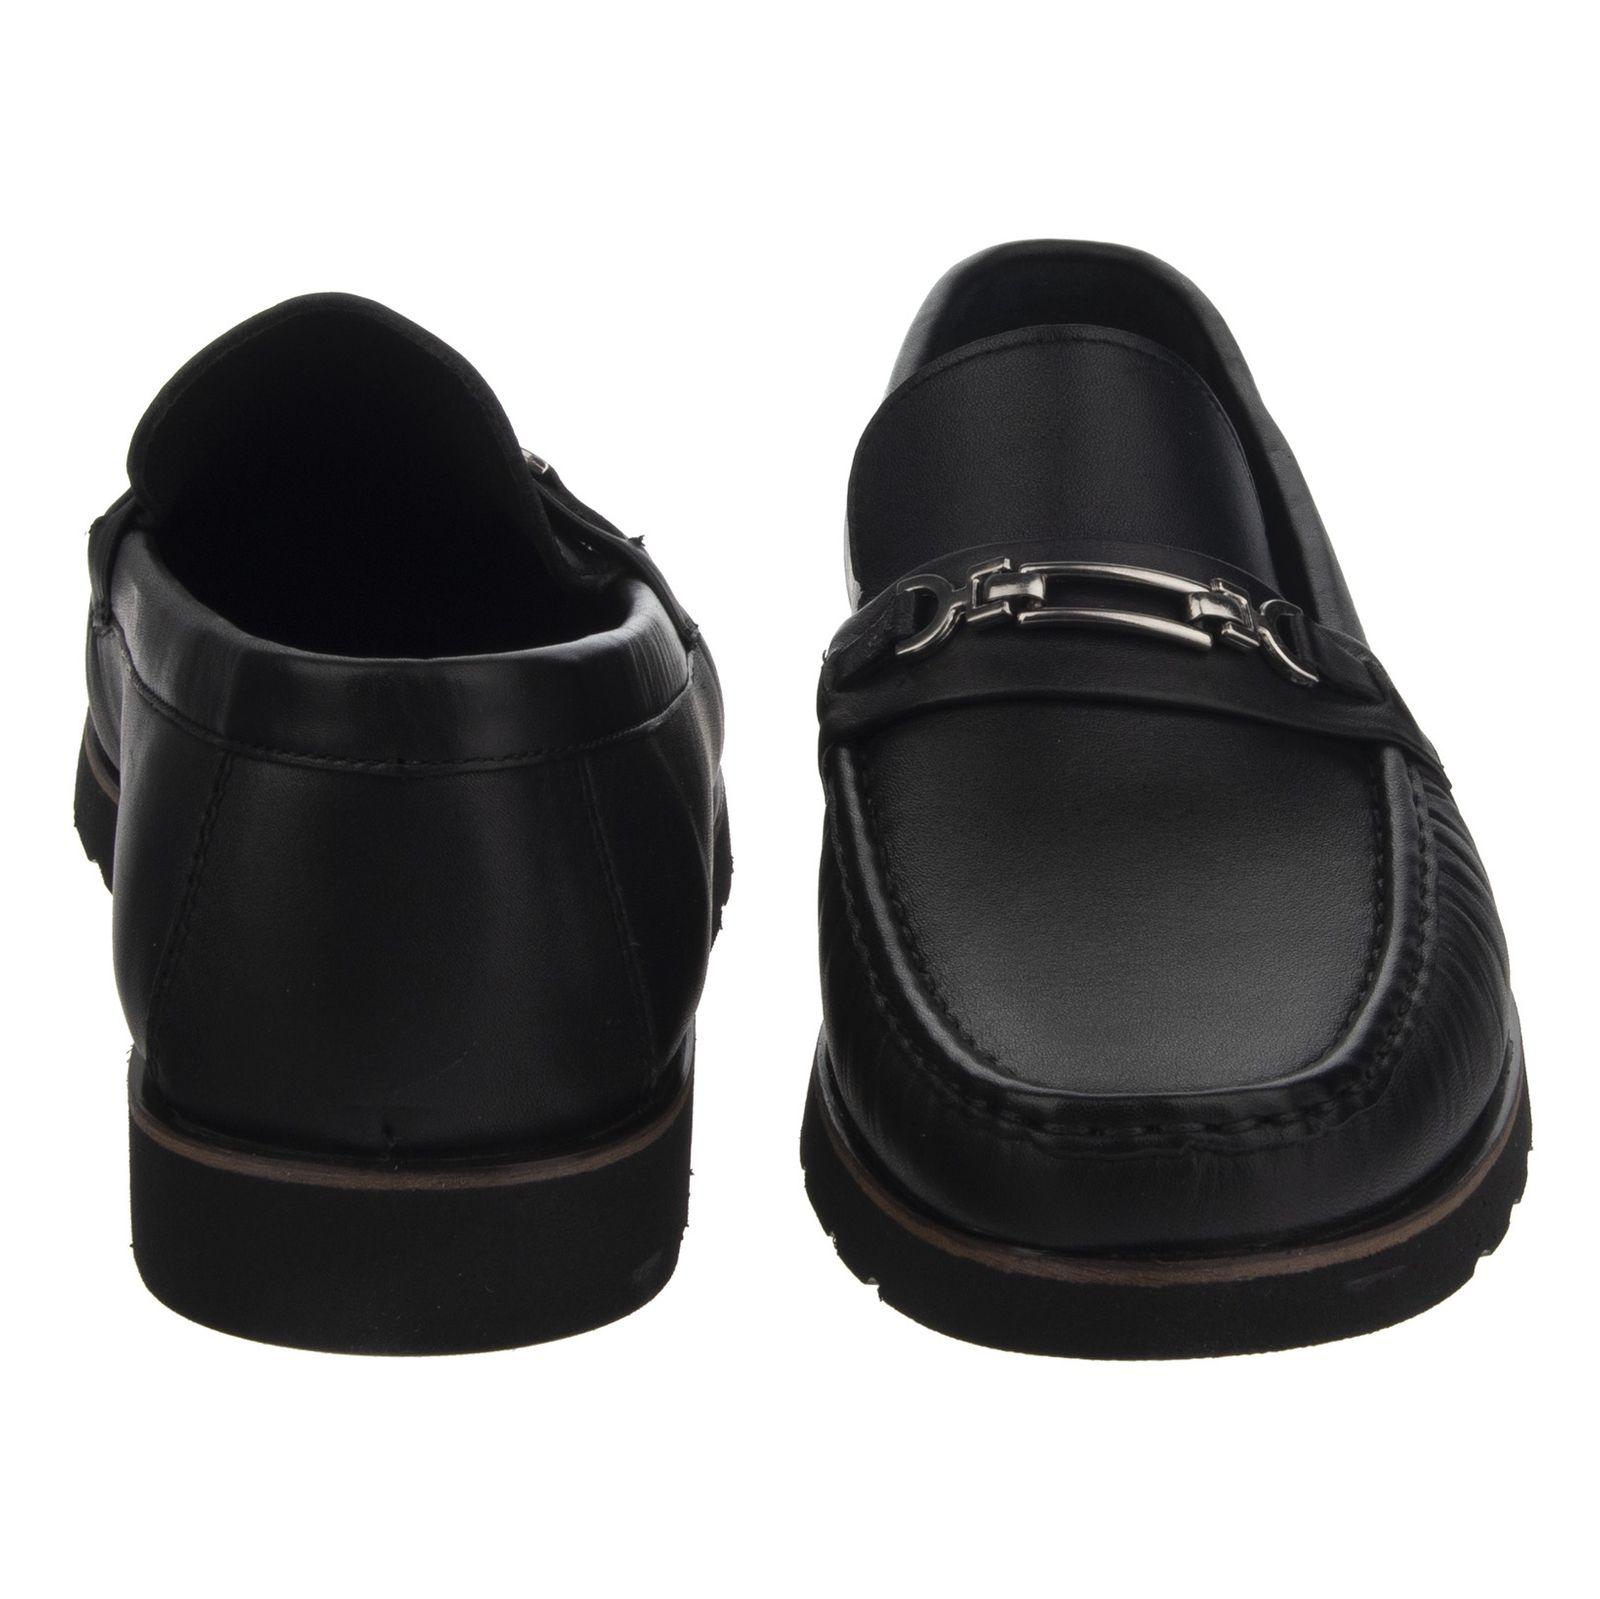 کفش مردانه گاندو مدل 711-99 - مشکی - 8